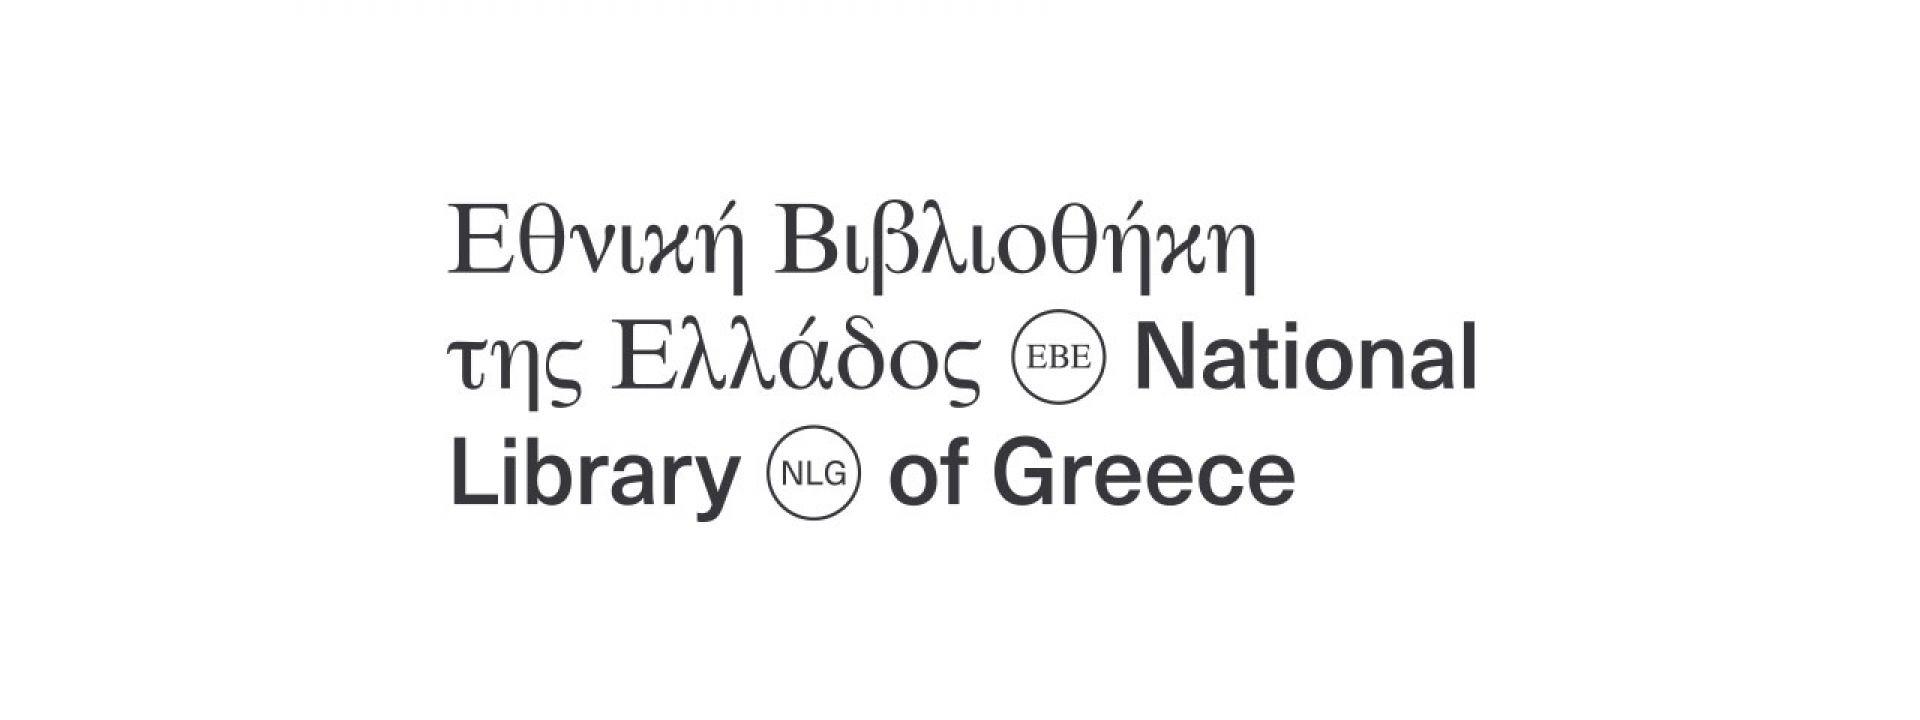 Λογότυπο Εθνικής Βιβλιοθήκης της Ελλάδος